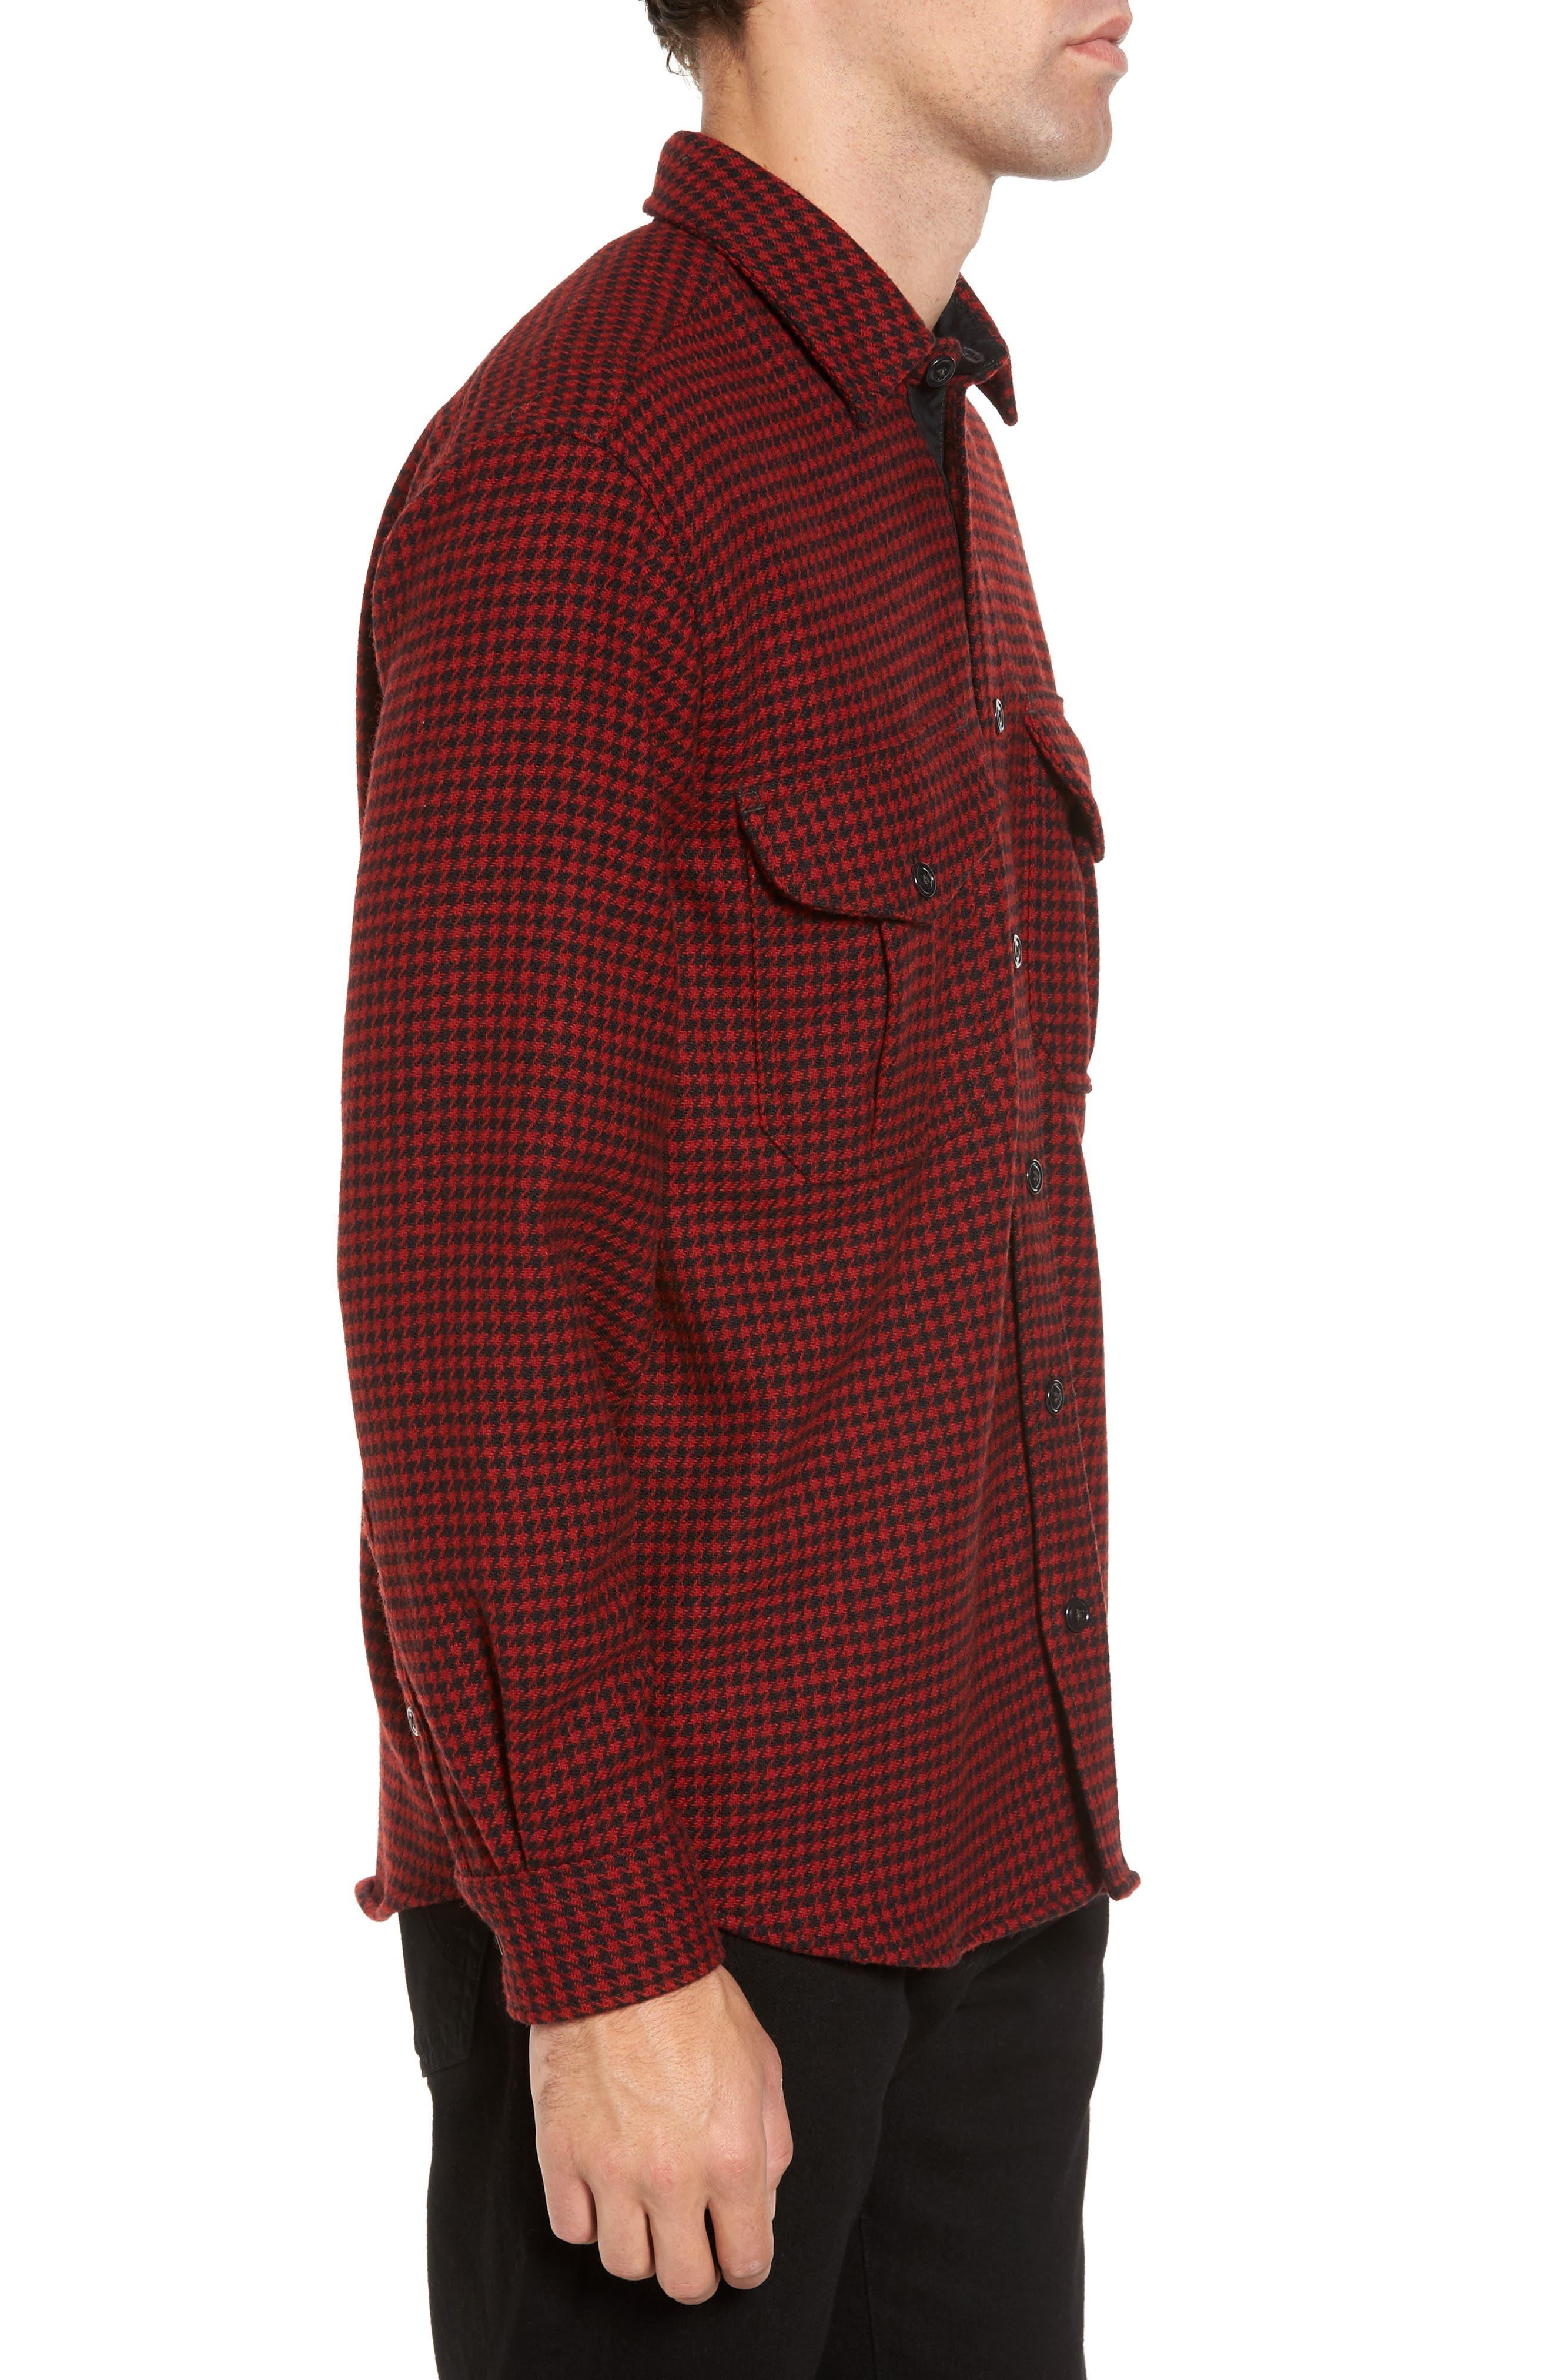 Alternate Image 3  - Filson Northwest Houndstooth Shirt Jacket